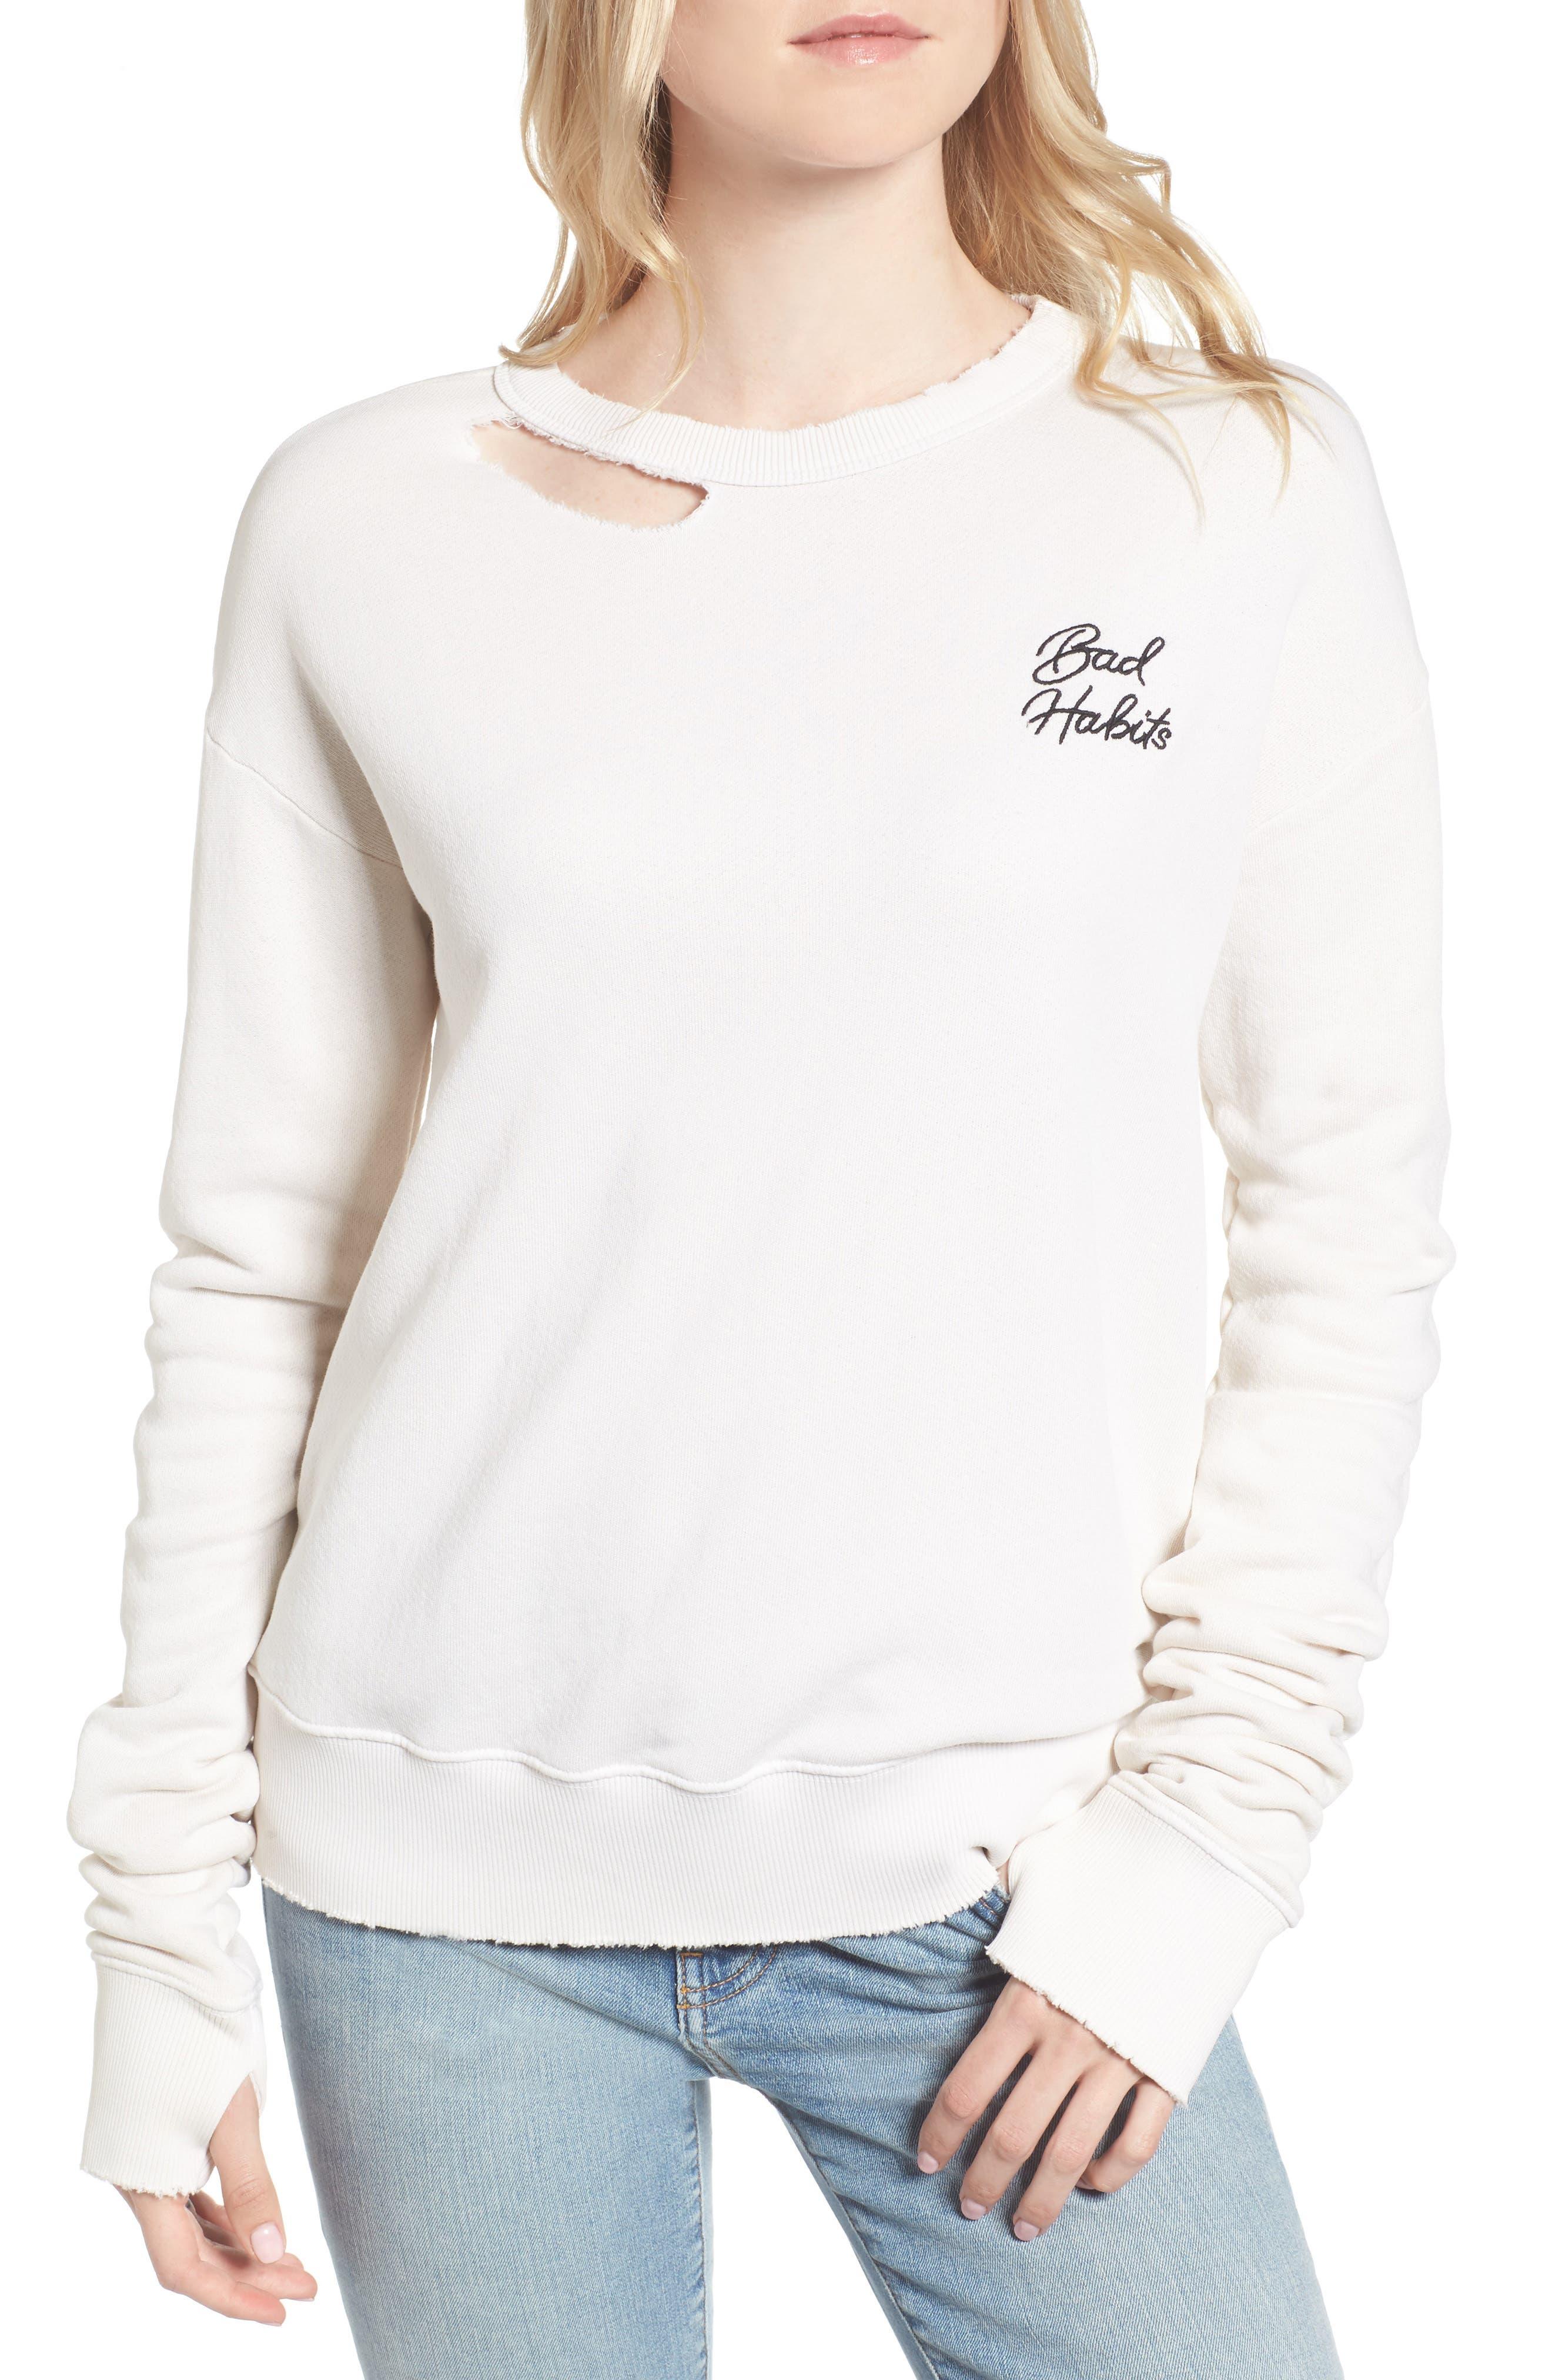 Vernon Bad Habits Distressed Sweatshirt,                         Main,                         color,